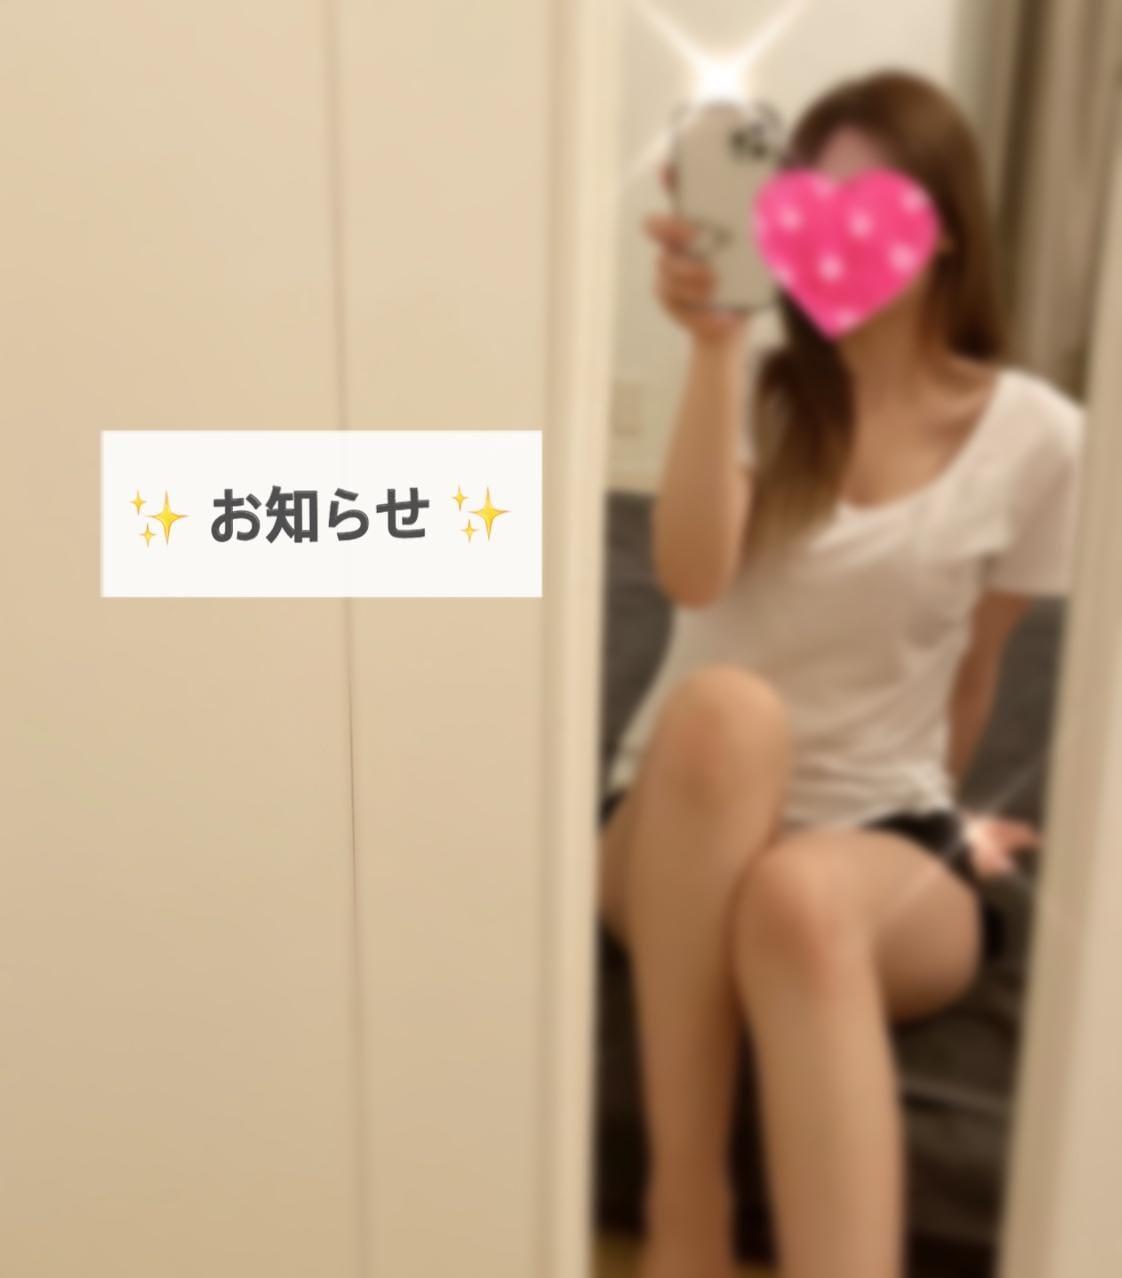 「♡♡」03/01(月) 01:41 | まなみの写メ日記